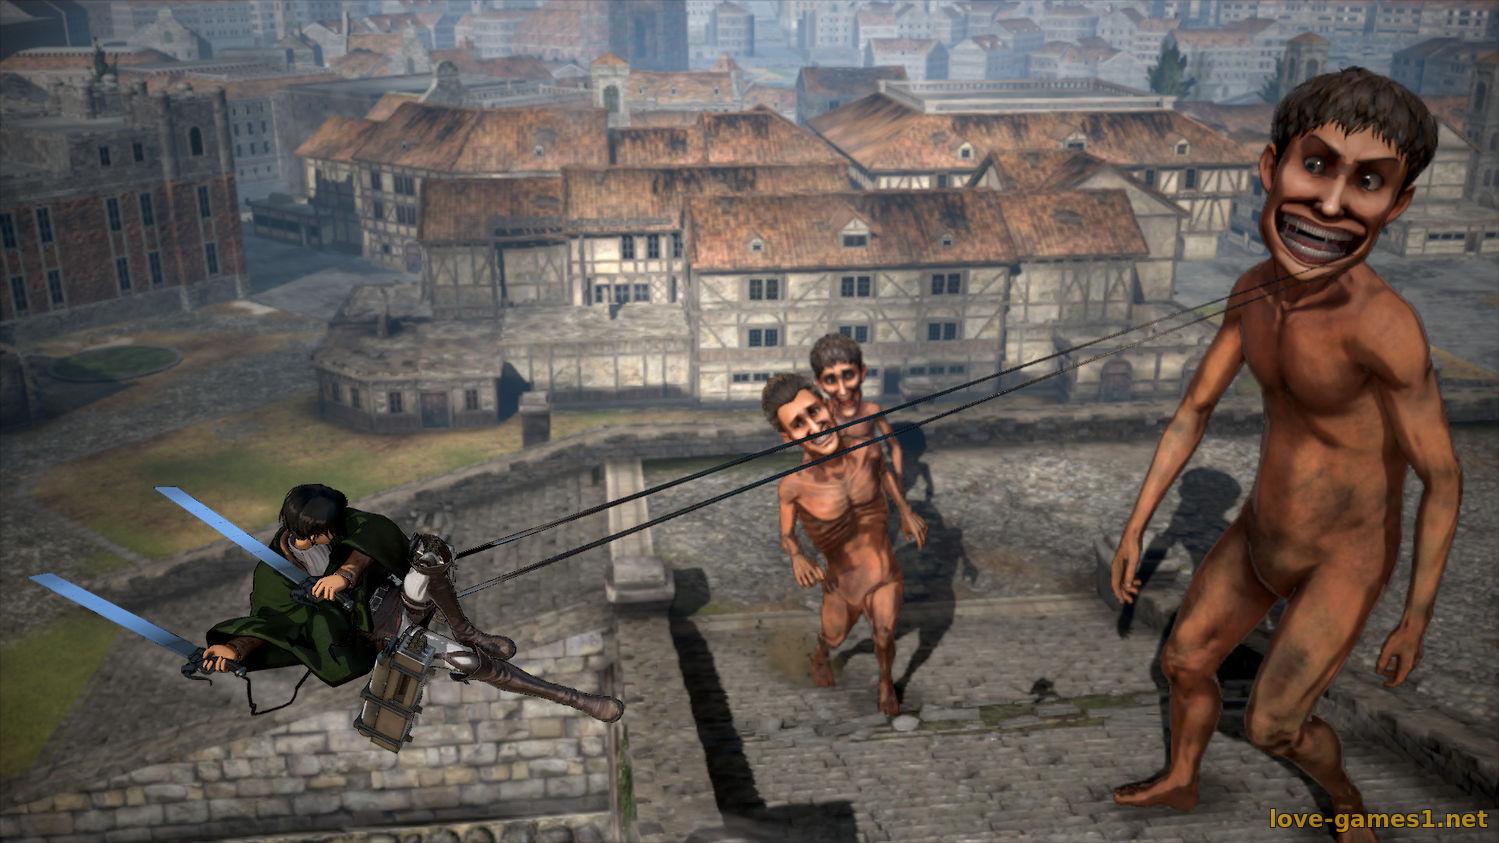 атака титанов игра на пк скачать торрент